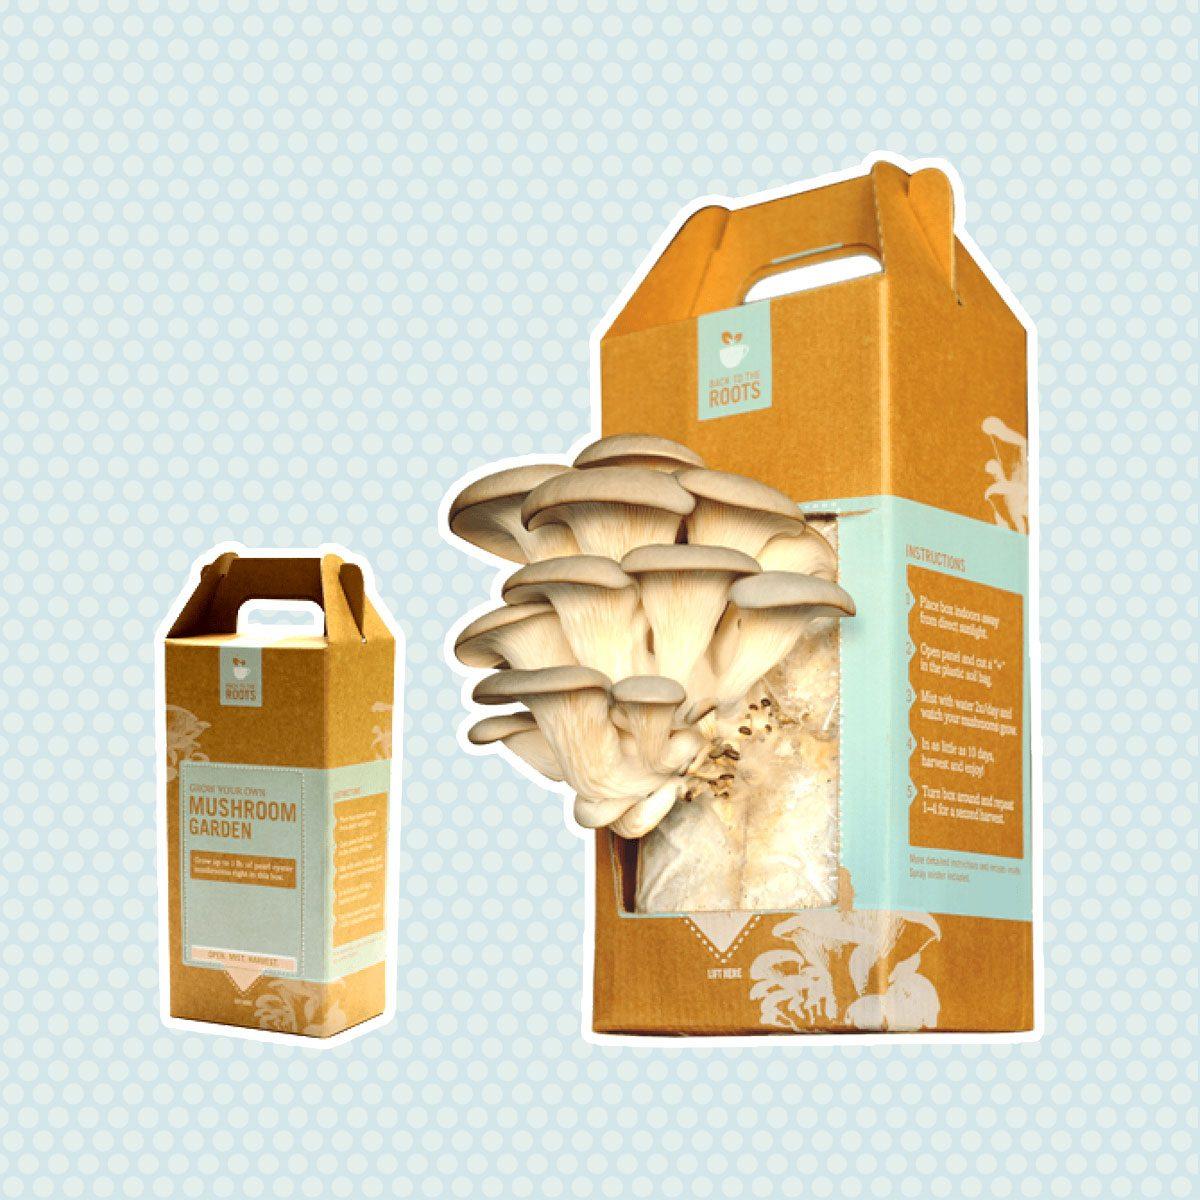 Mushroom Garden Kit